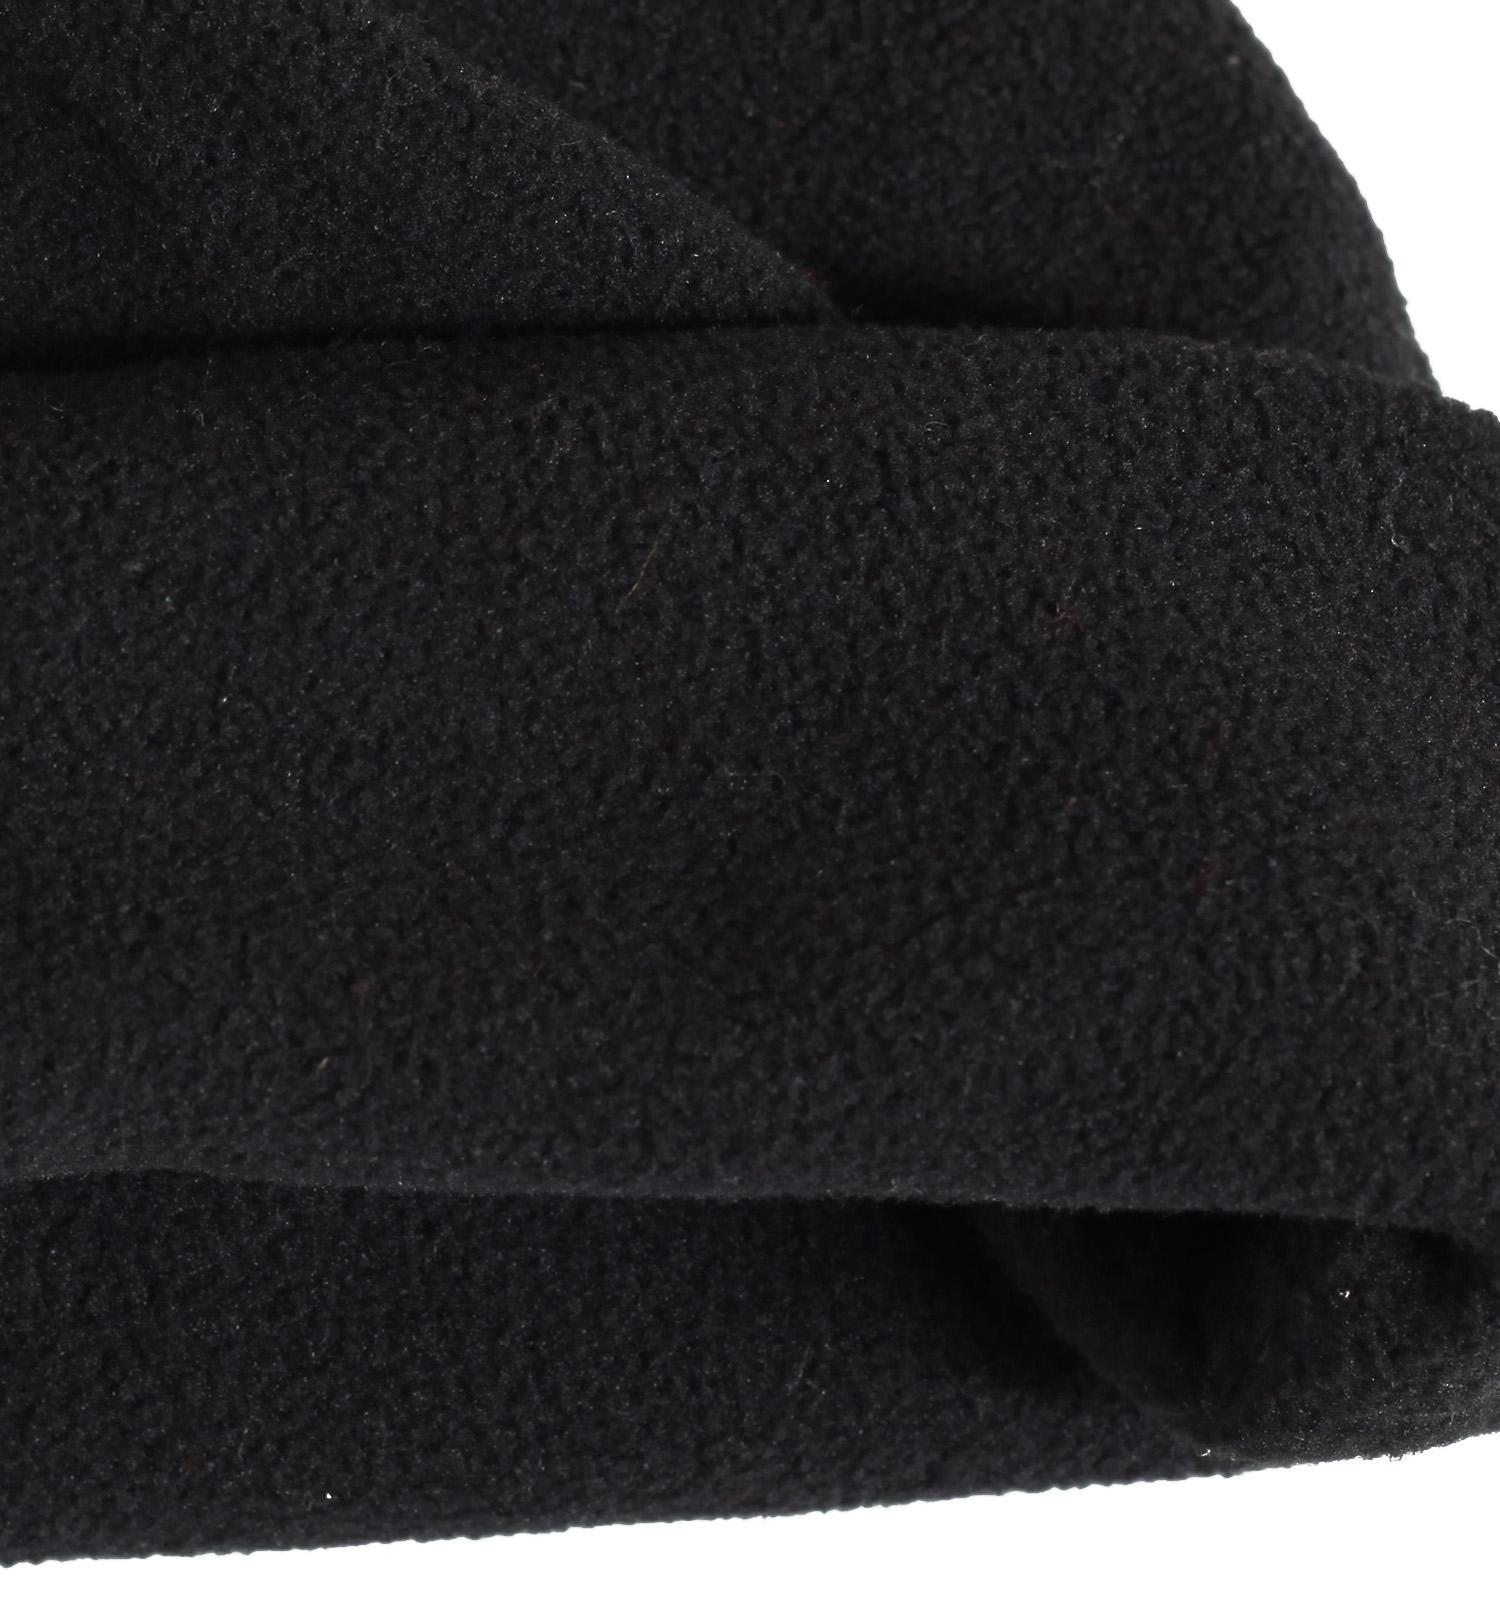 Заказать теплую флисовую мужскую шапку Galva Swiss утепленную флисом по лояльной цене